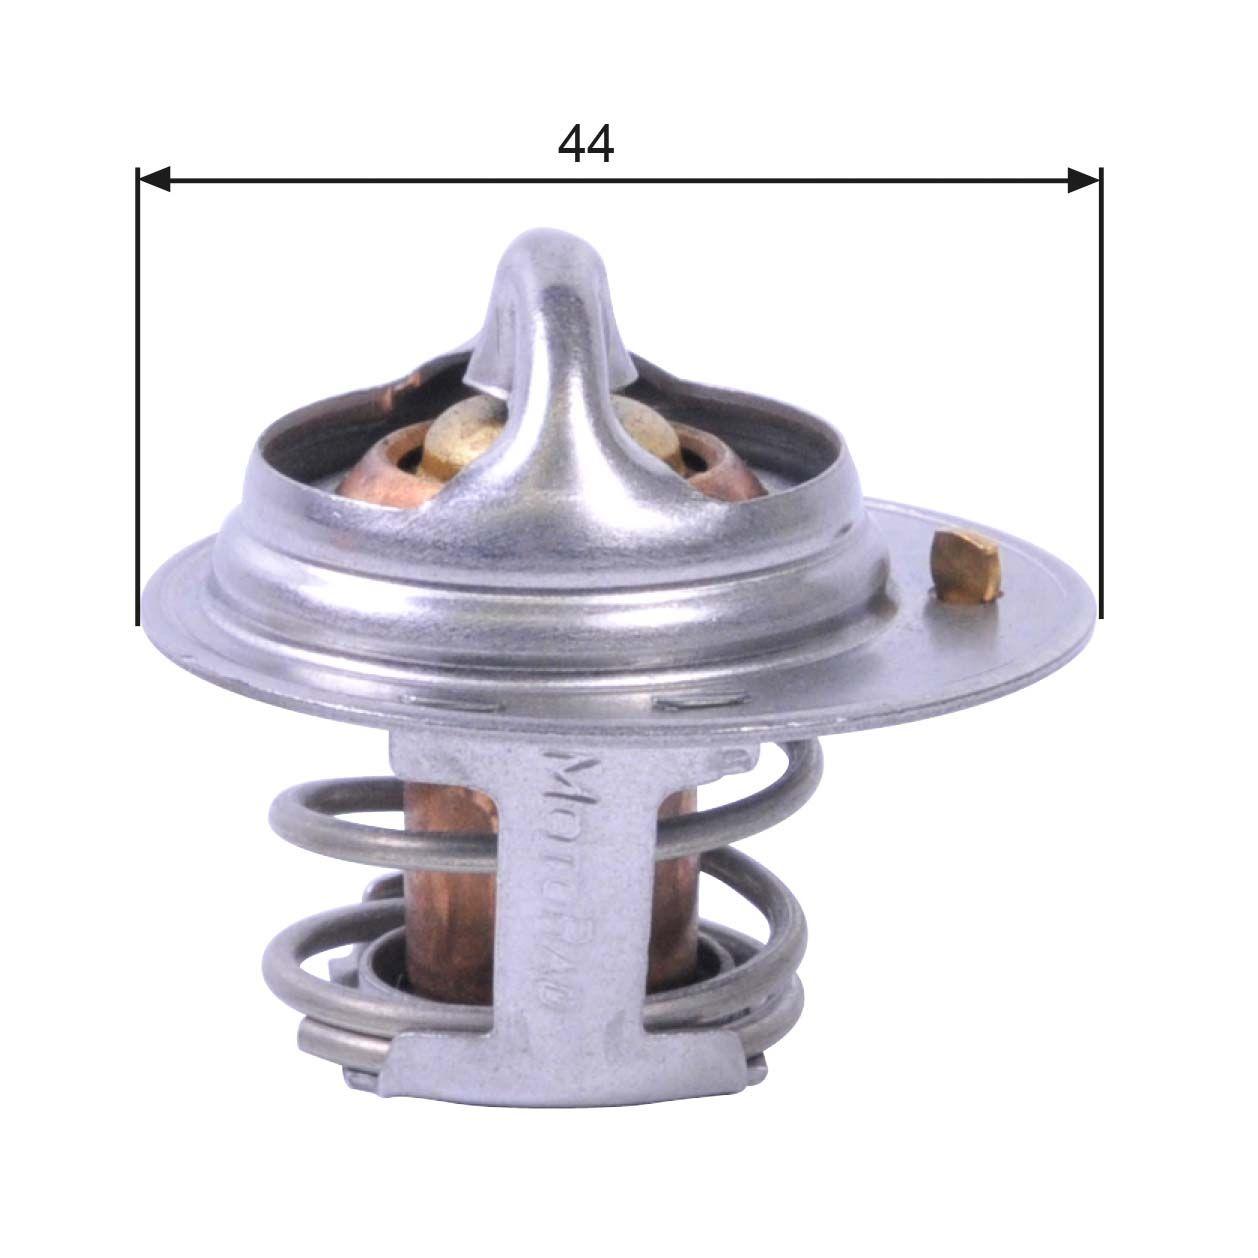 Autoersatzteile: Thermostat, Kühlmittel TH29682G1 - Jetzt zugreifen!